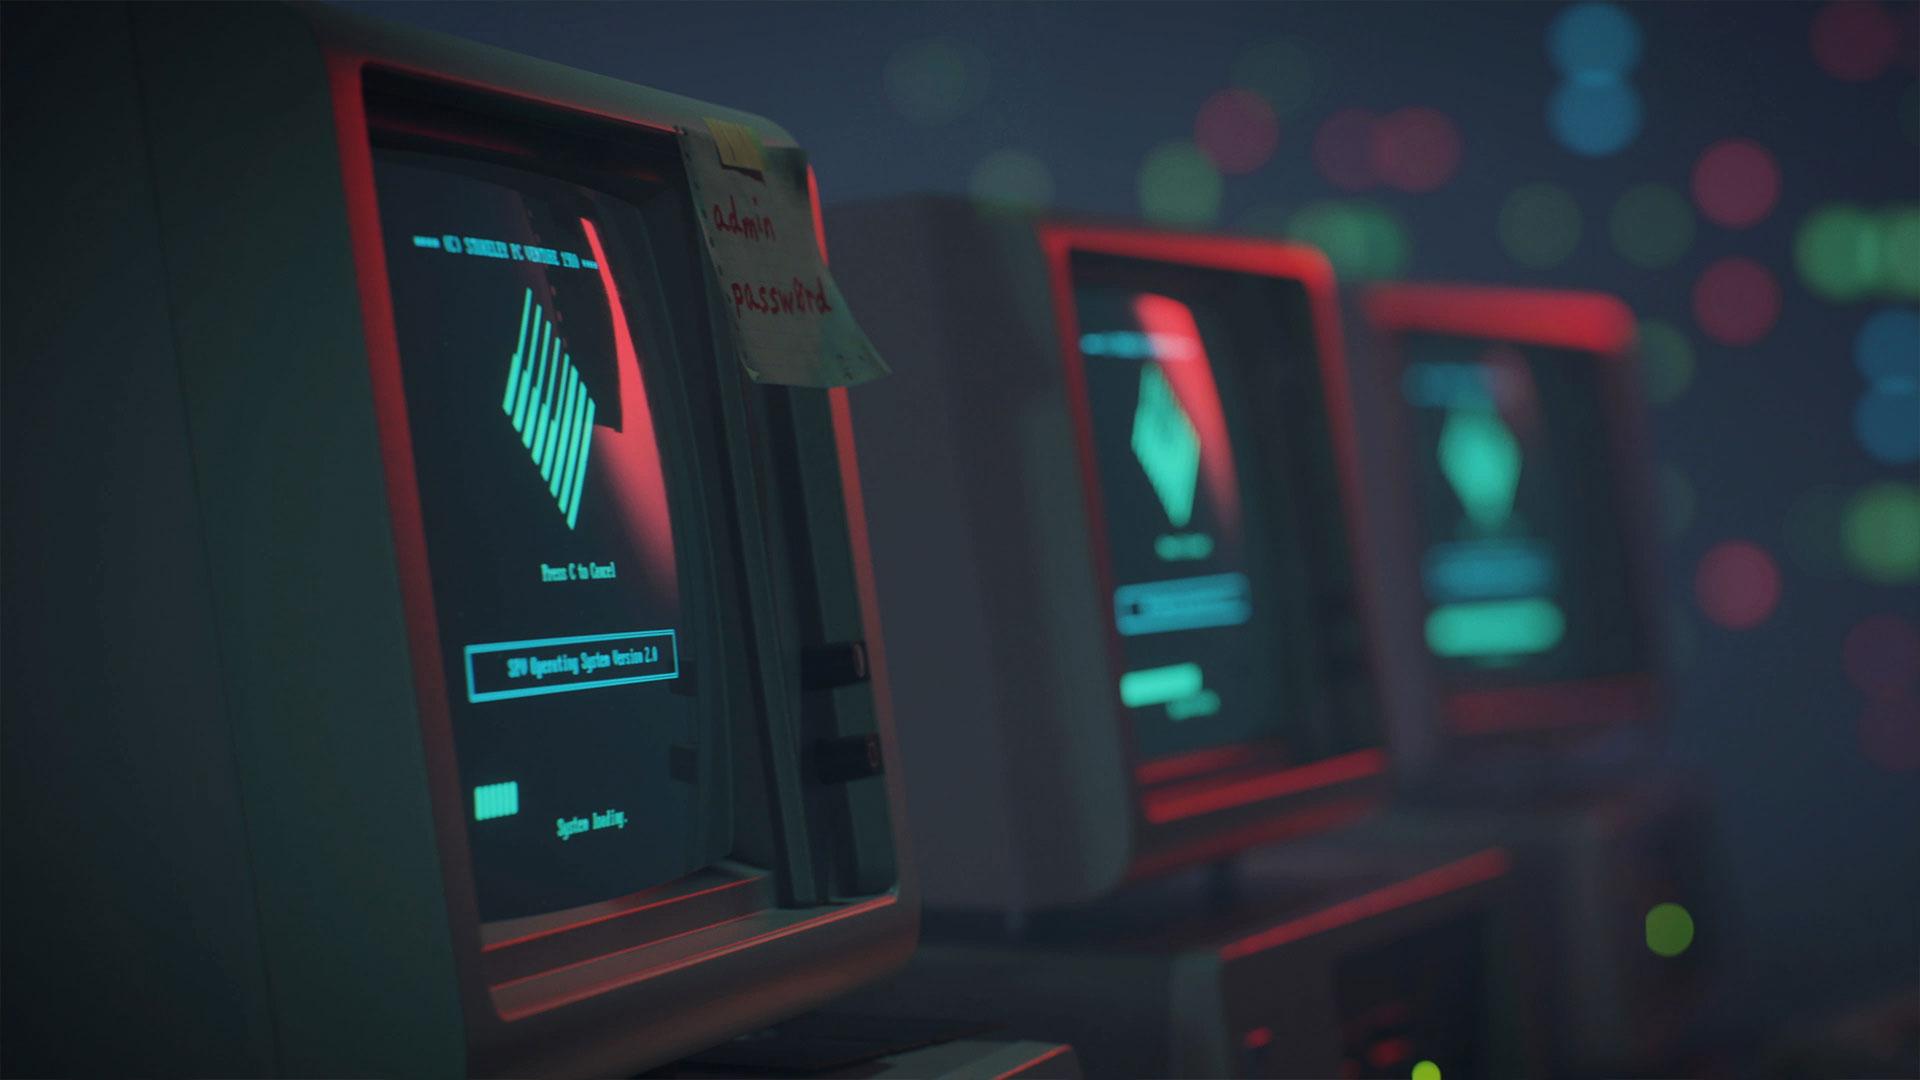 CODBOCW Computers